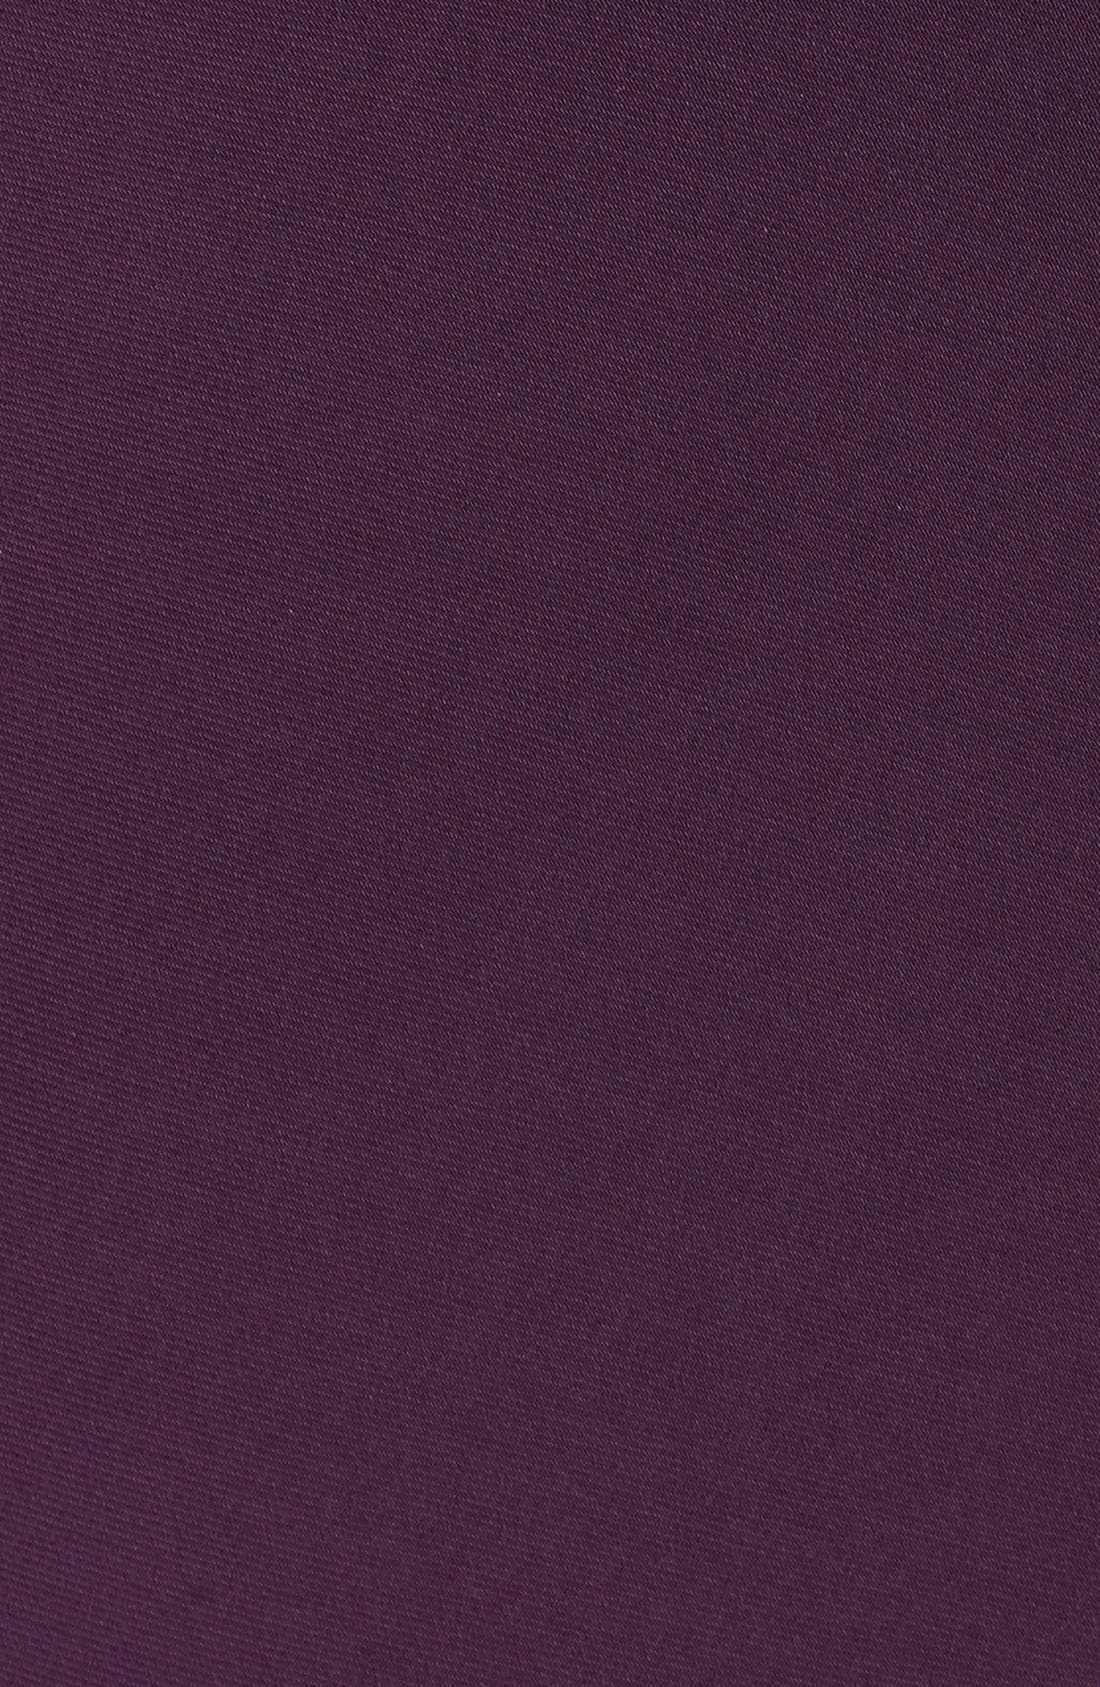 Embellished V-Neck Side Drape Jersey Gown,                             Alternate thumbnail 6, color,                             540